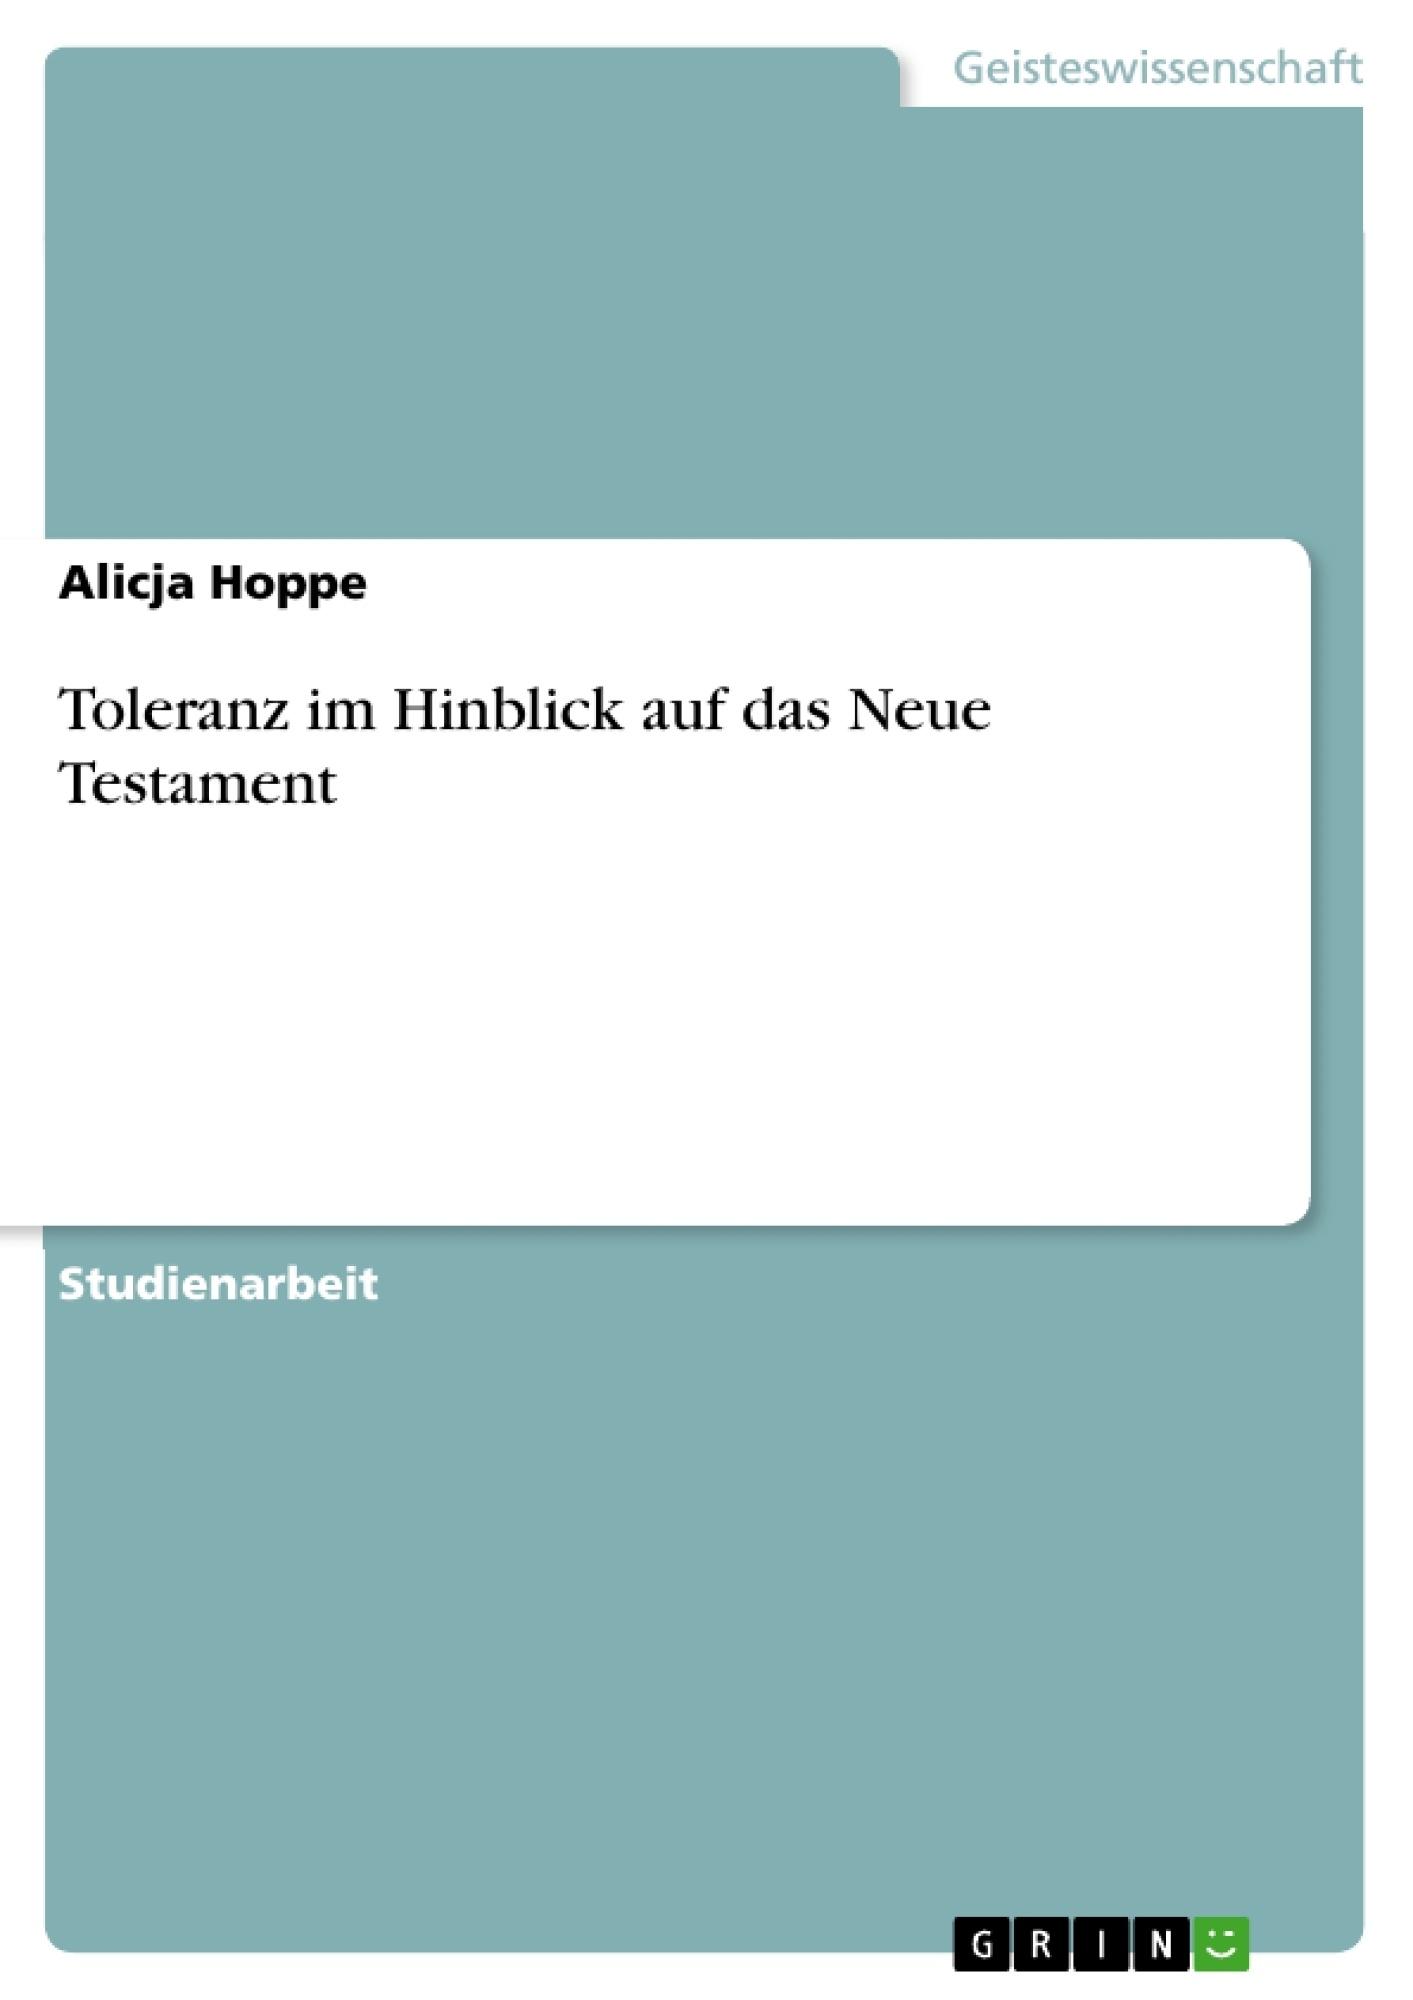 Titel: Toleranz im Hinblick auf das Neue Testament